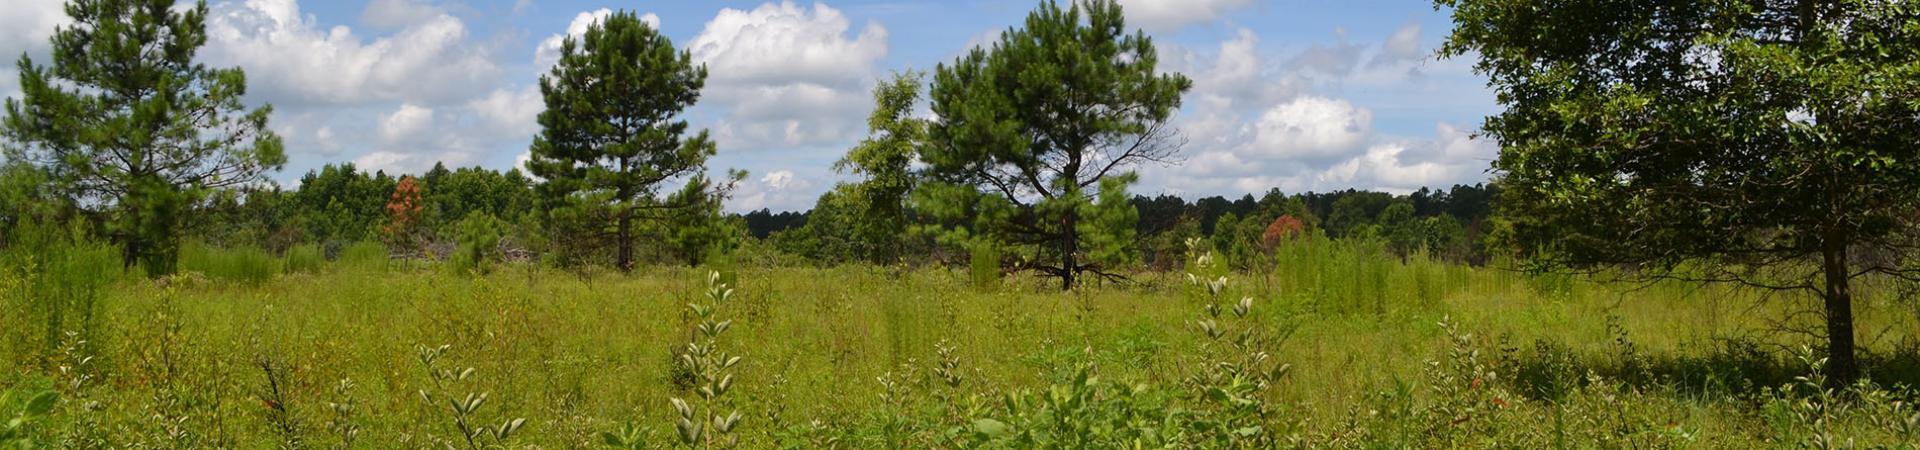 Mead Farm Open Field